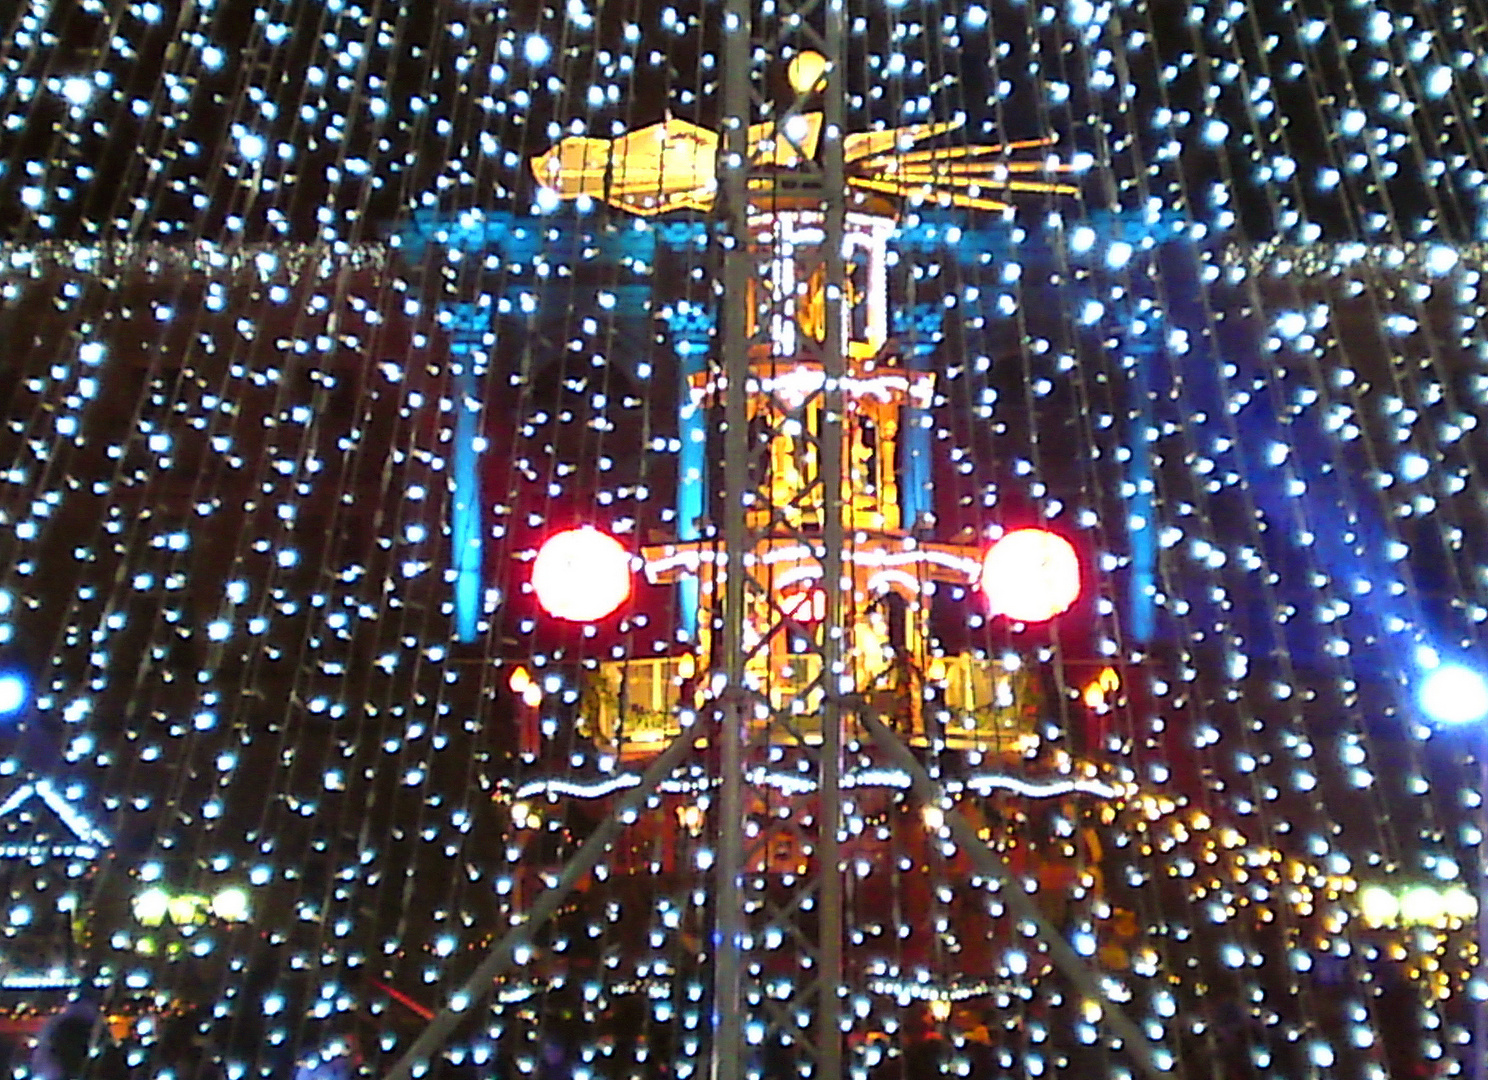 Karlsruhe Weihnachtsmarkt.Weihnachtsmarkt In Karlsruhe Foto Bild Abstraktes Motive Bilder